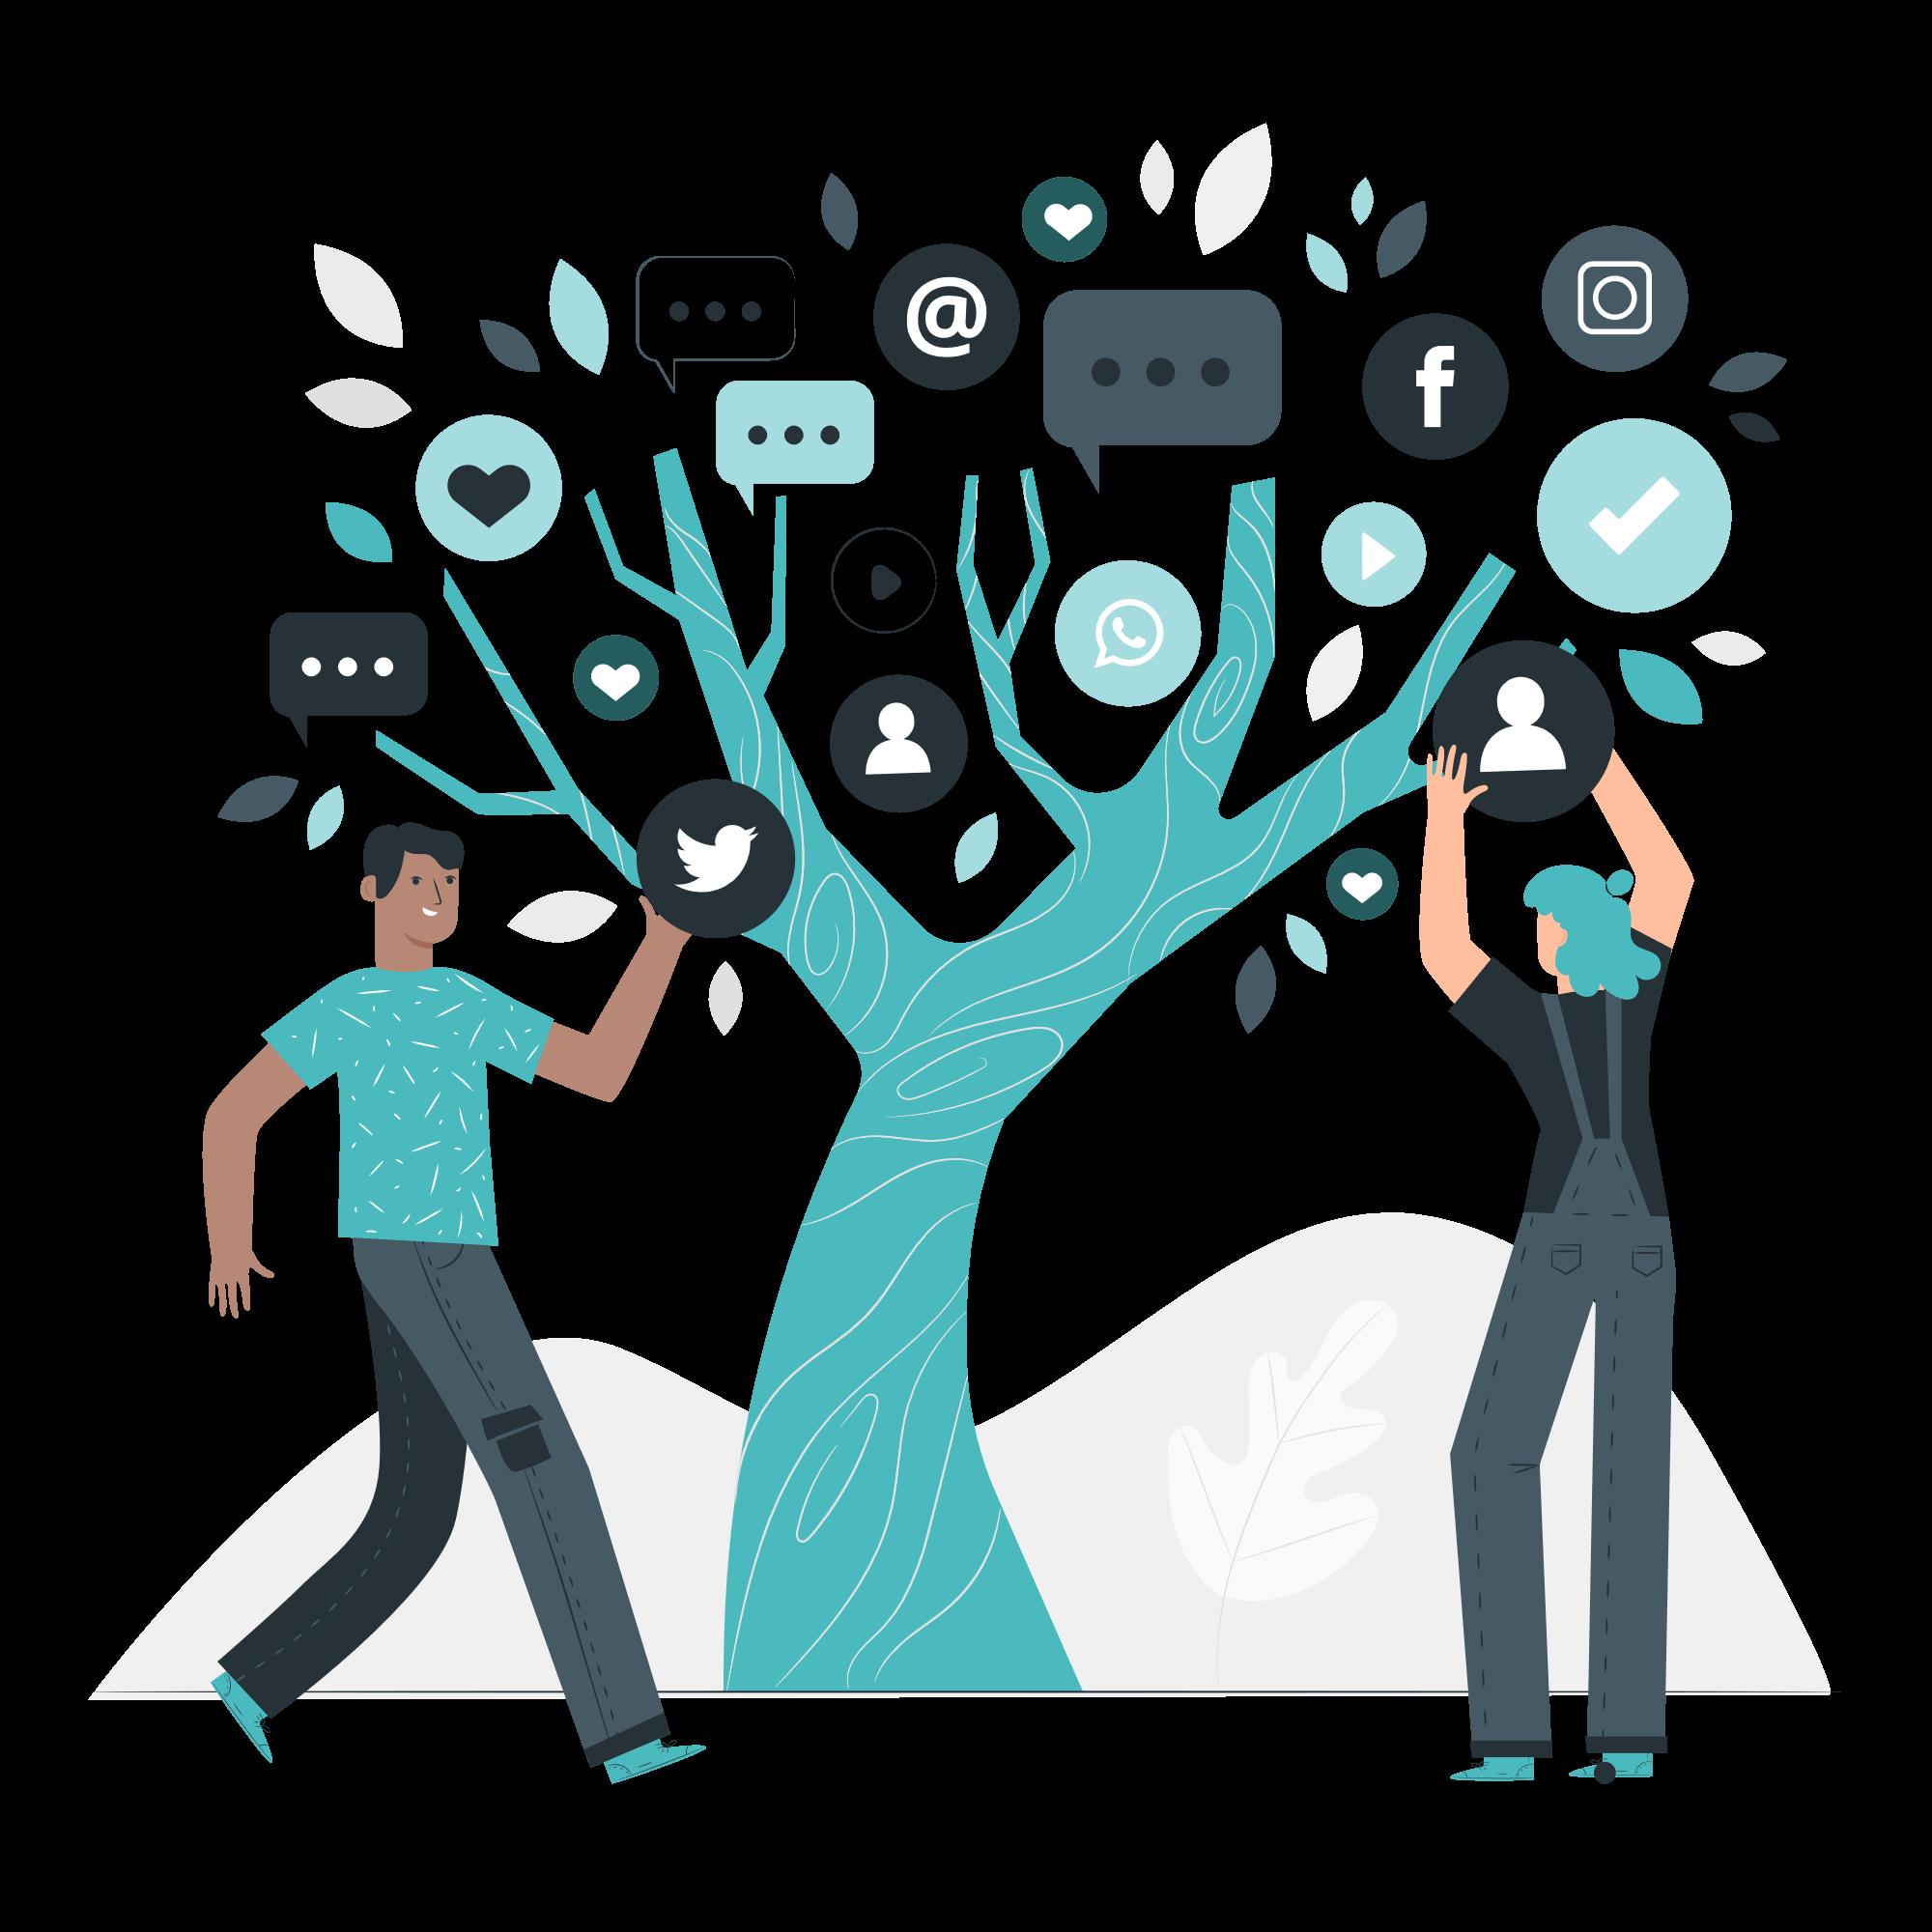 Illustration montrant deux personnages et un arbre de réseaux sociaux